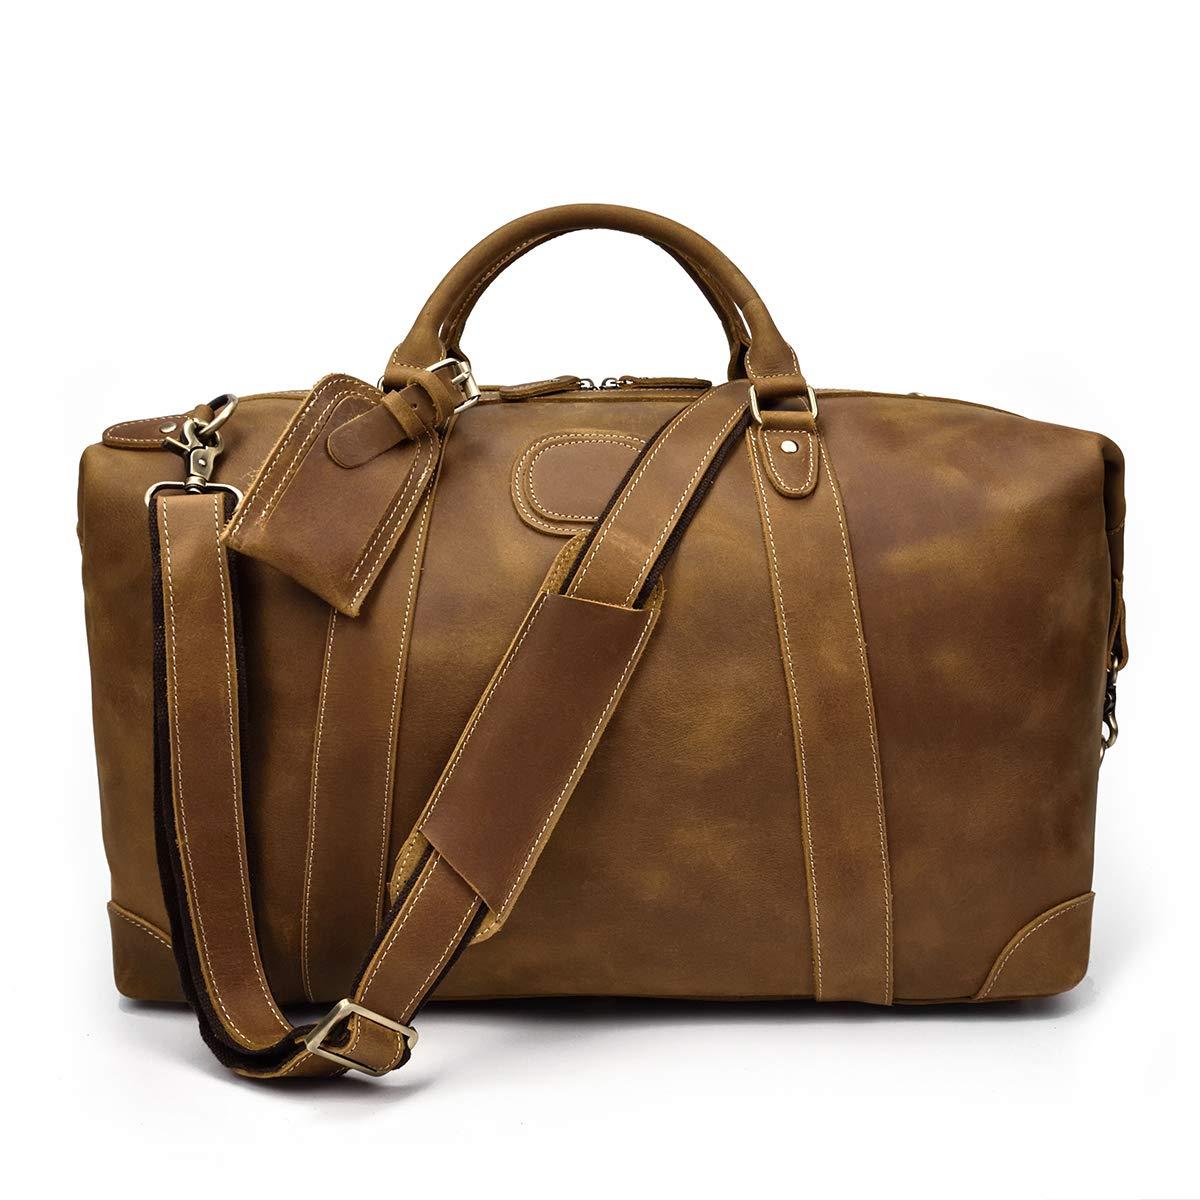 ボストンバッグ 本革 メンズ レザー トラベルバッグ 旅行鞄 トラベル鞄 底鋲付き 耐久 ショルダーバッグ 容量拡張 旅行バッグ 出張 おしゃれ 2泊 3泊  ライトブラウン B07DW61WG4